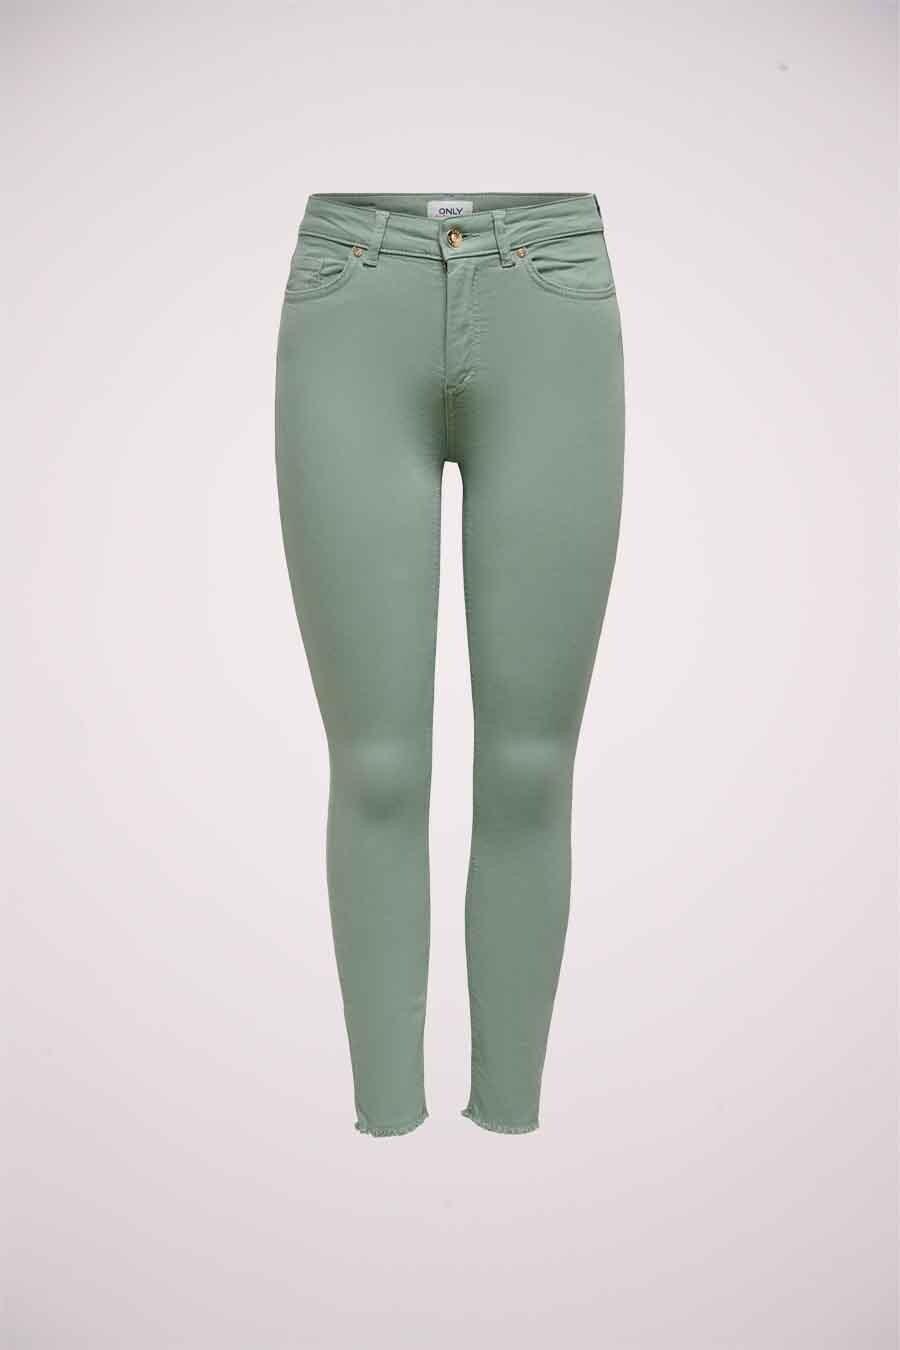 ONLY® Colorbroek, Groen, Dames, Maat: XSx32